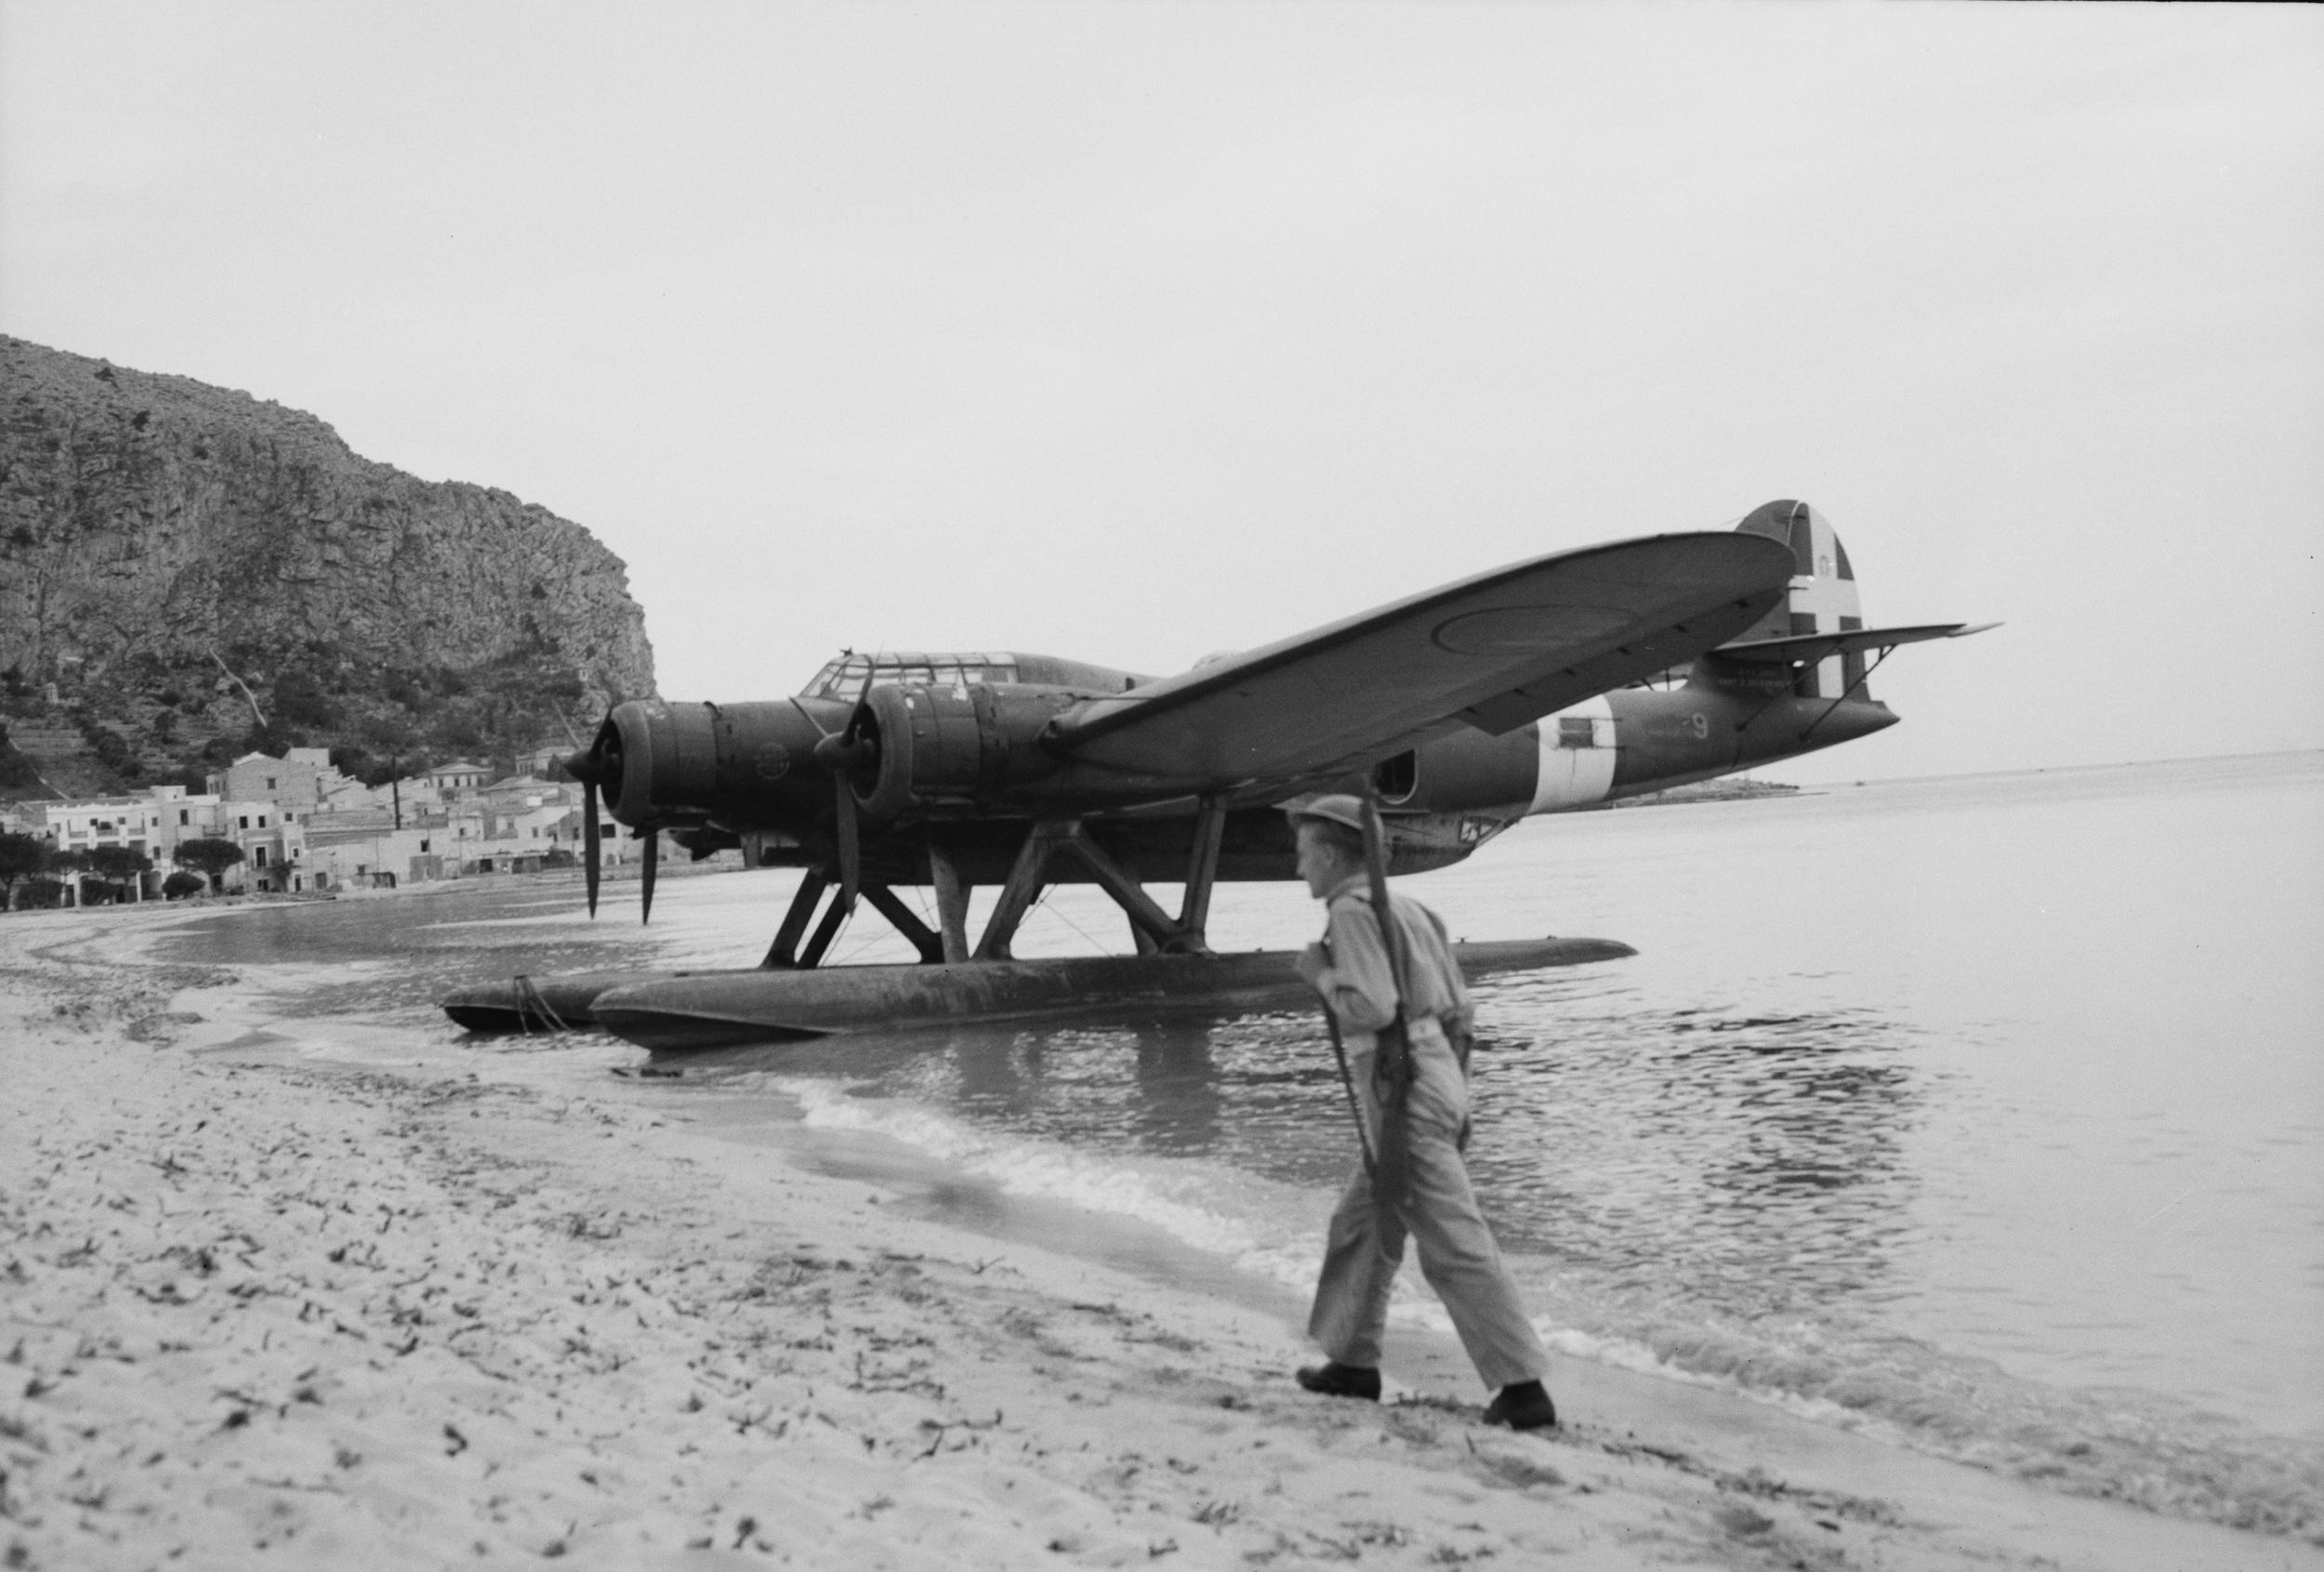 An Italian Cant z506 reconnaissance seaplane.